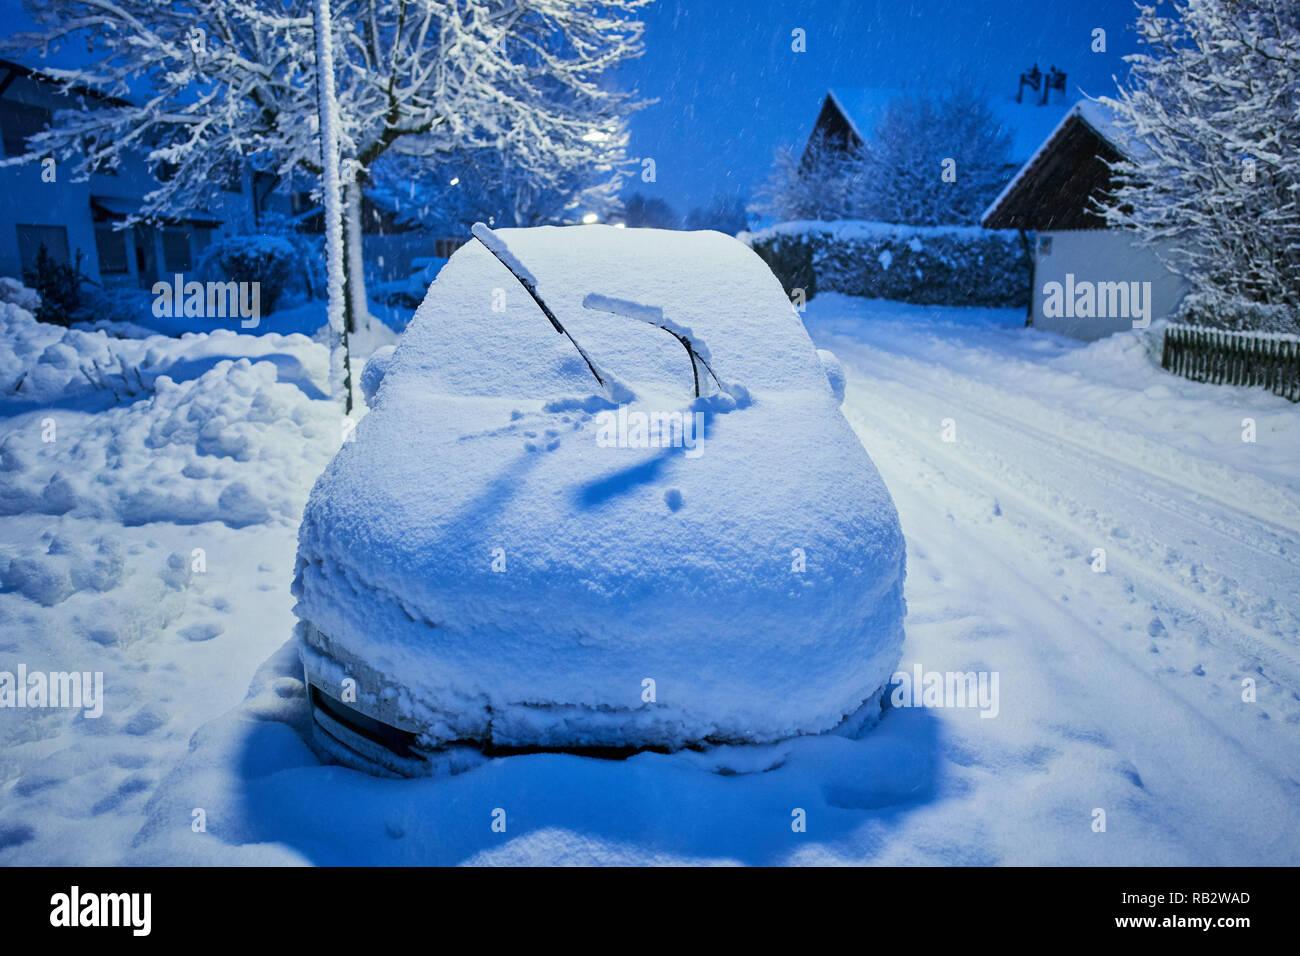 Dt winter wads